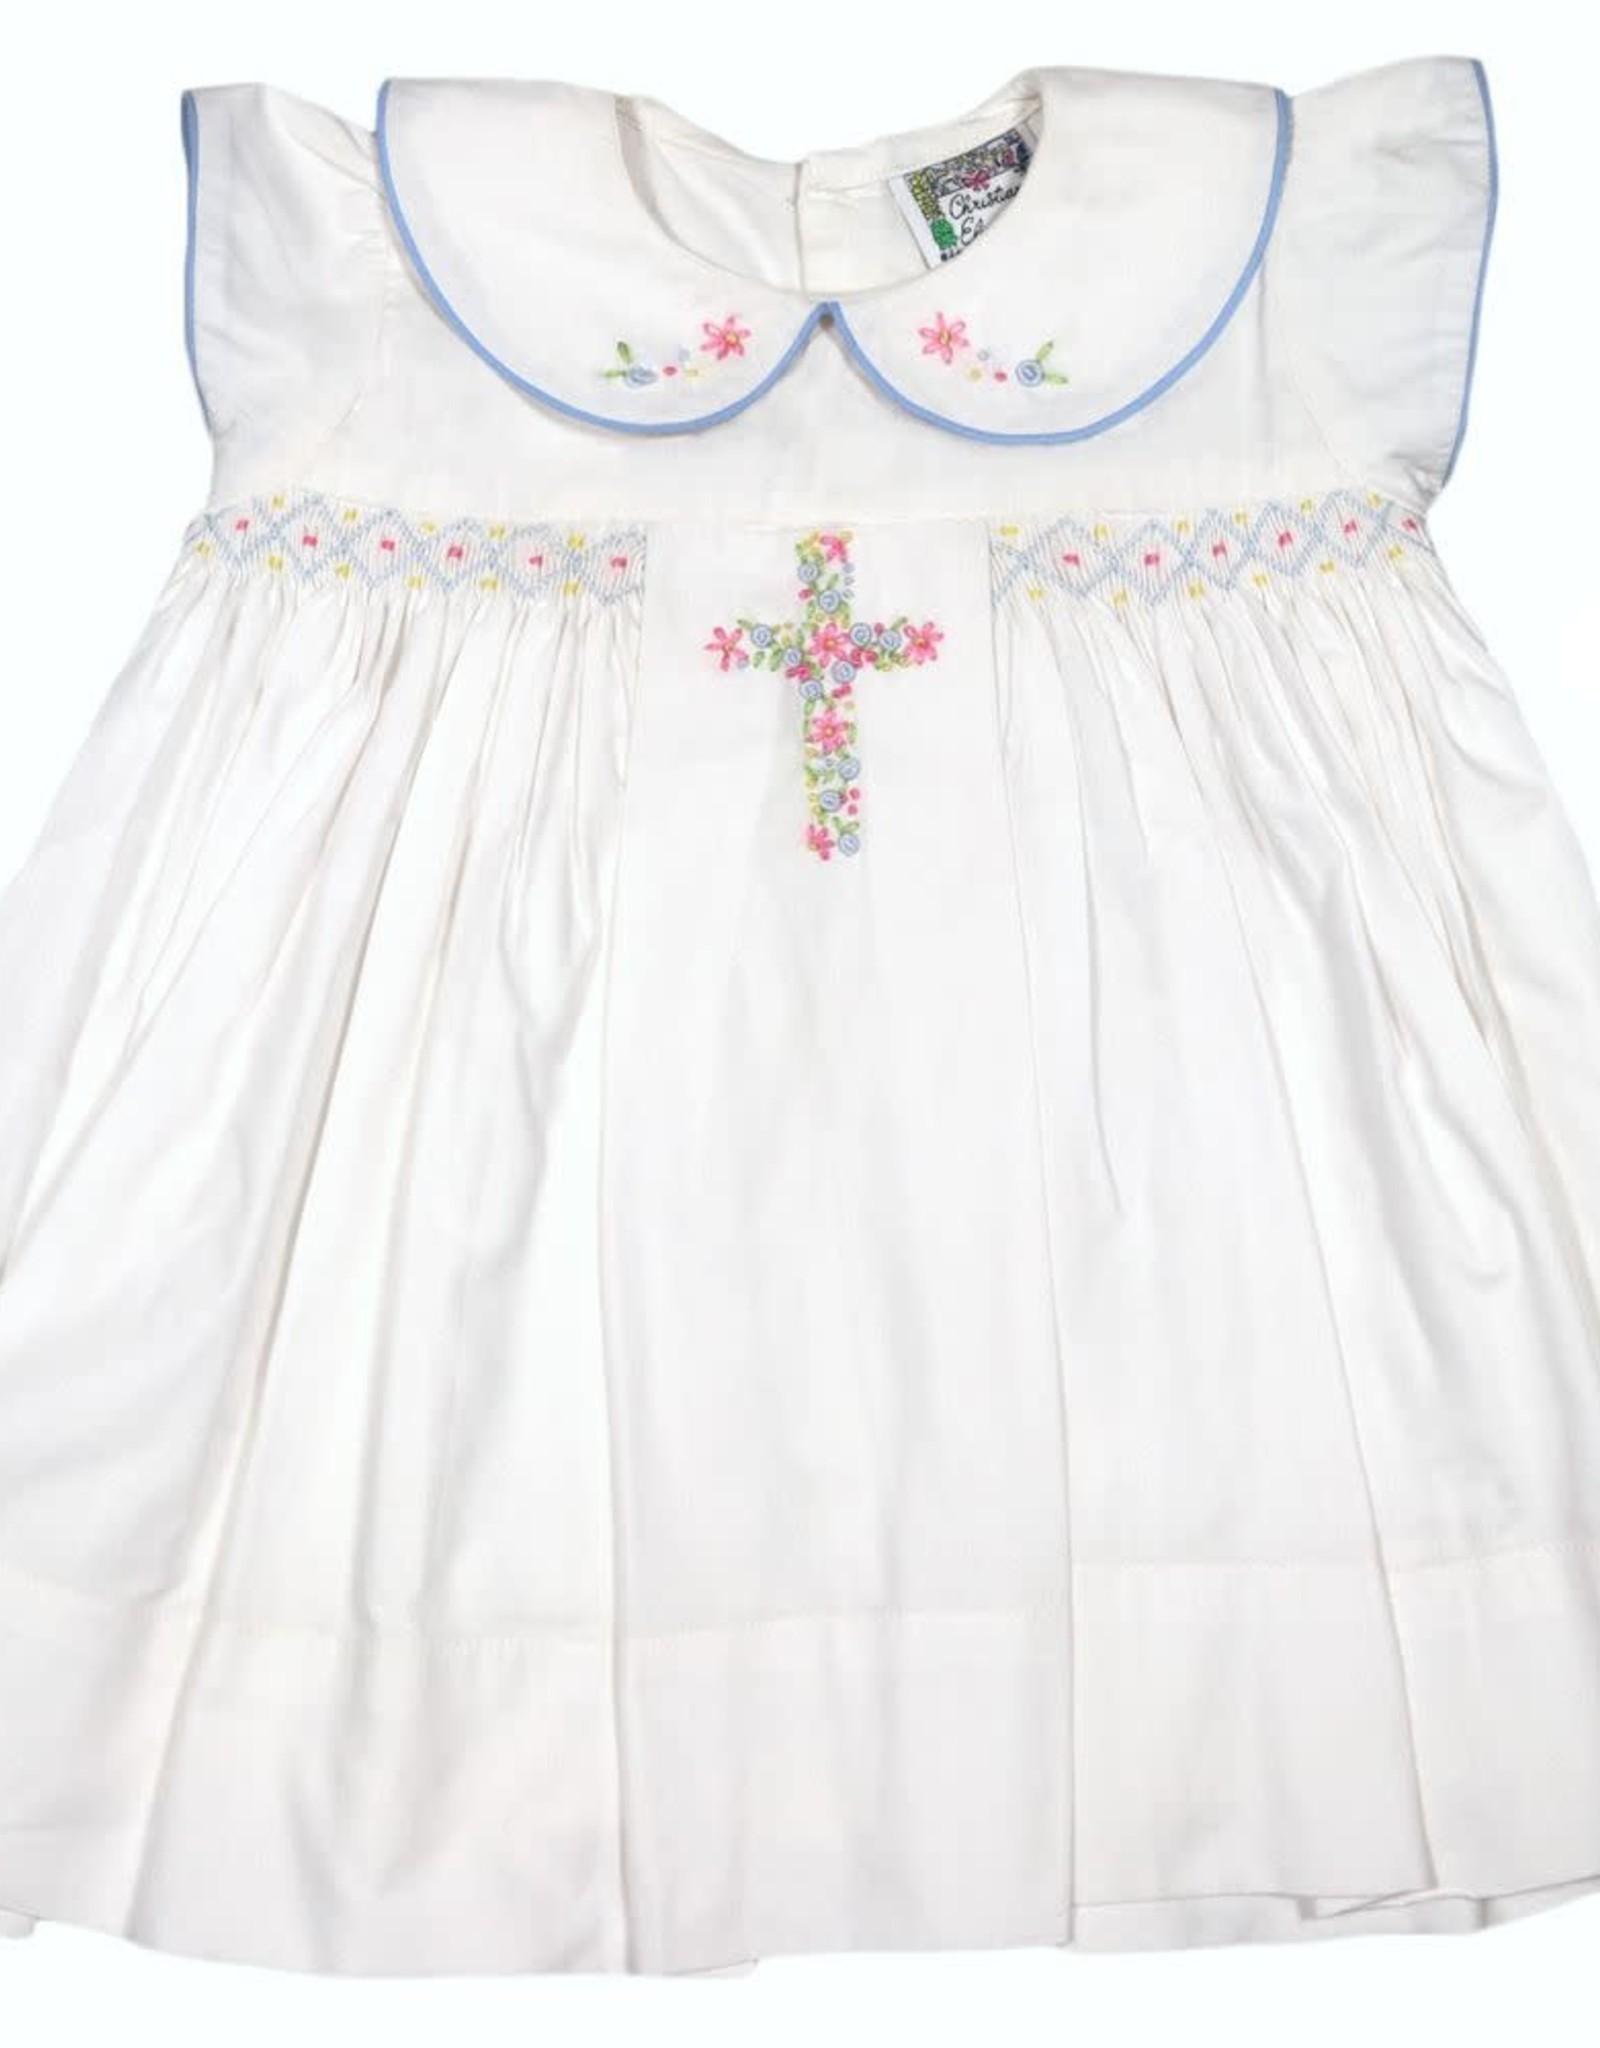 Christian Elizabeth White Rosemary Cross Easter Dress